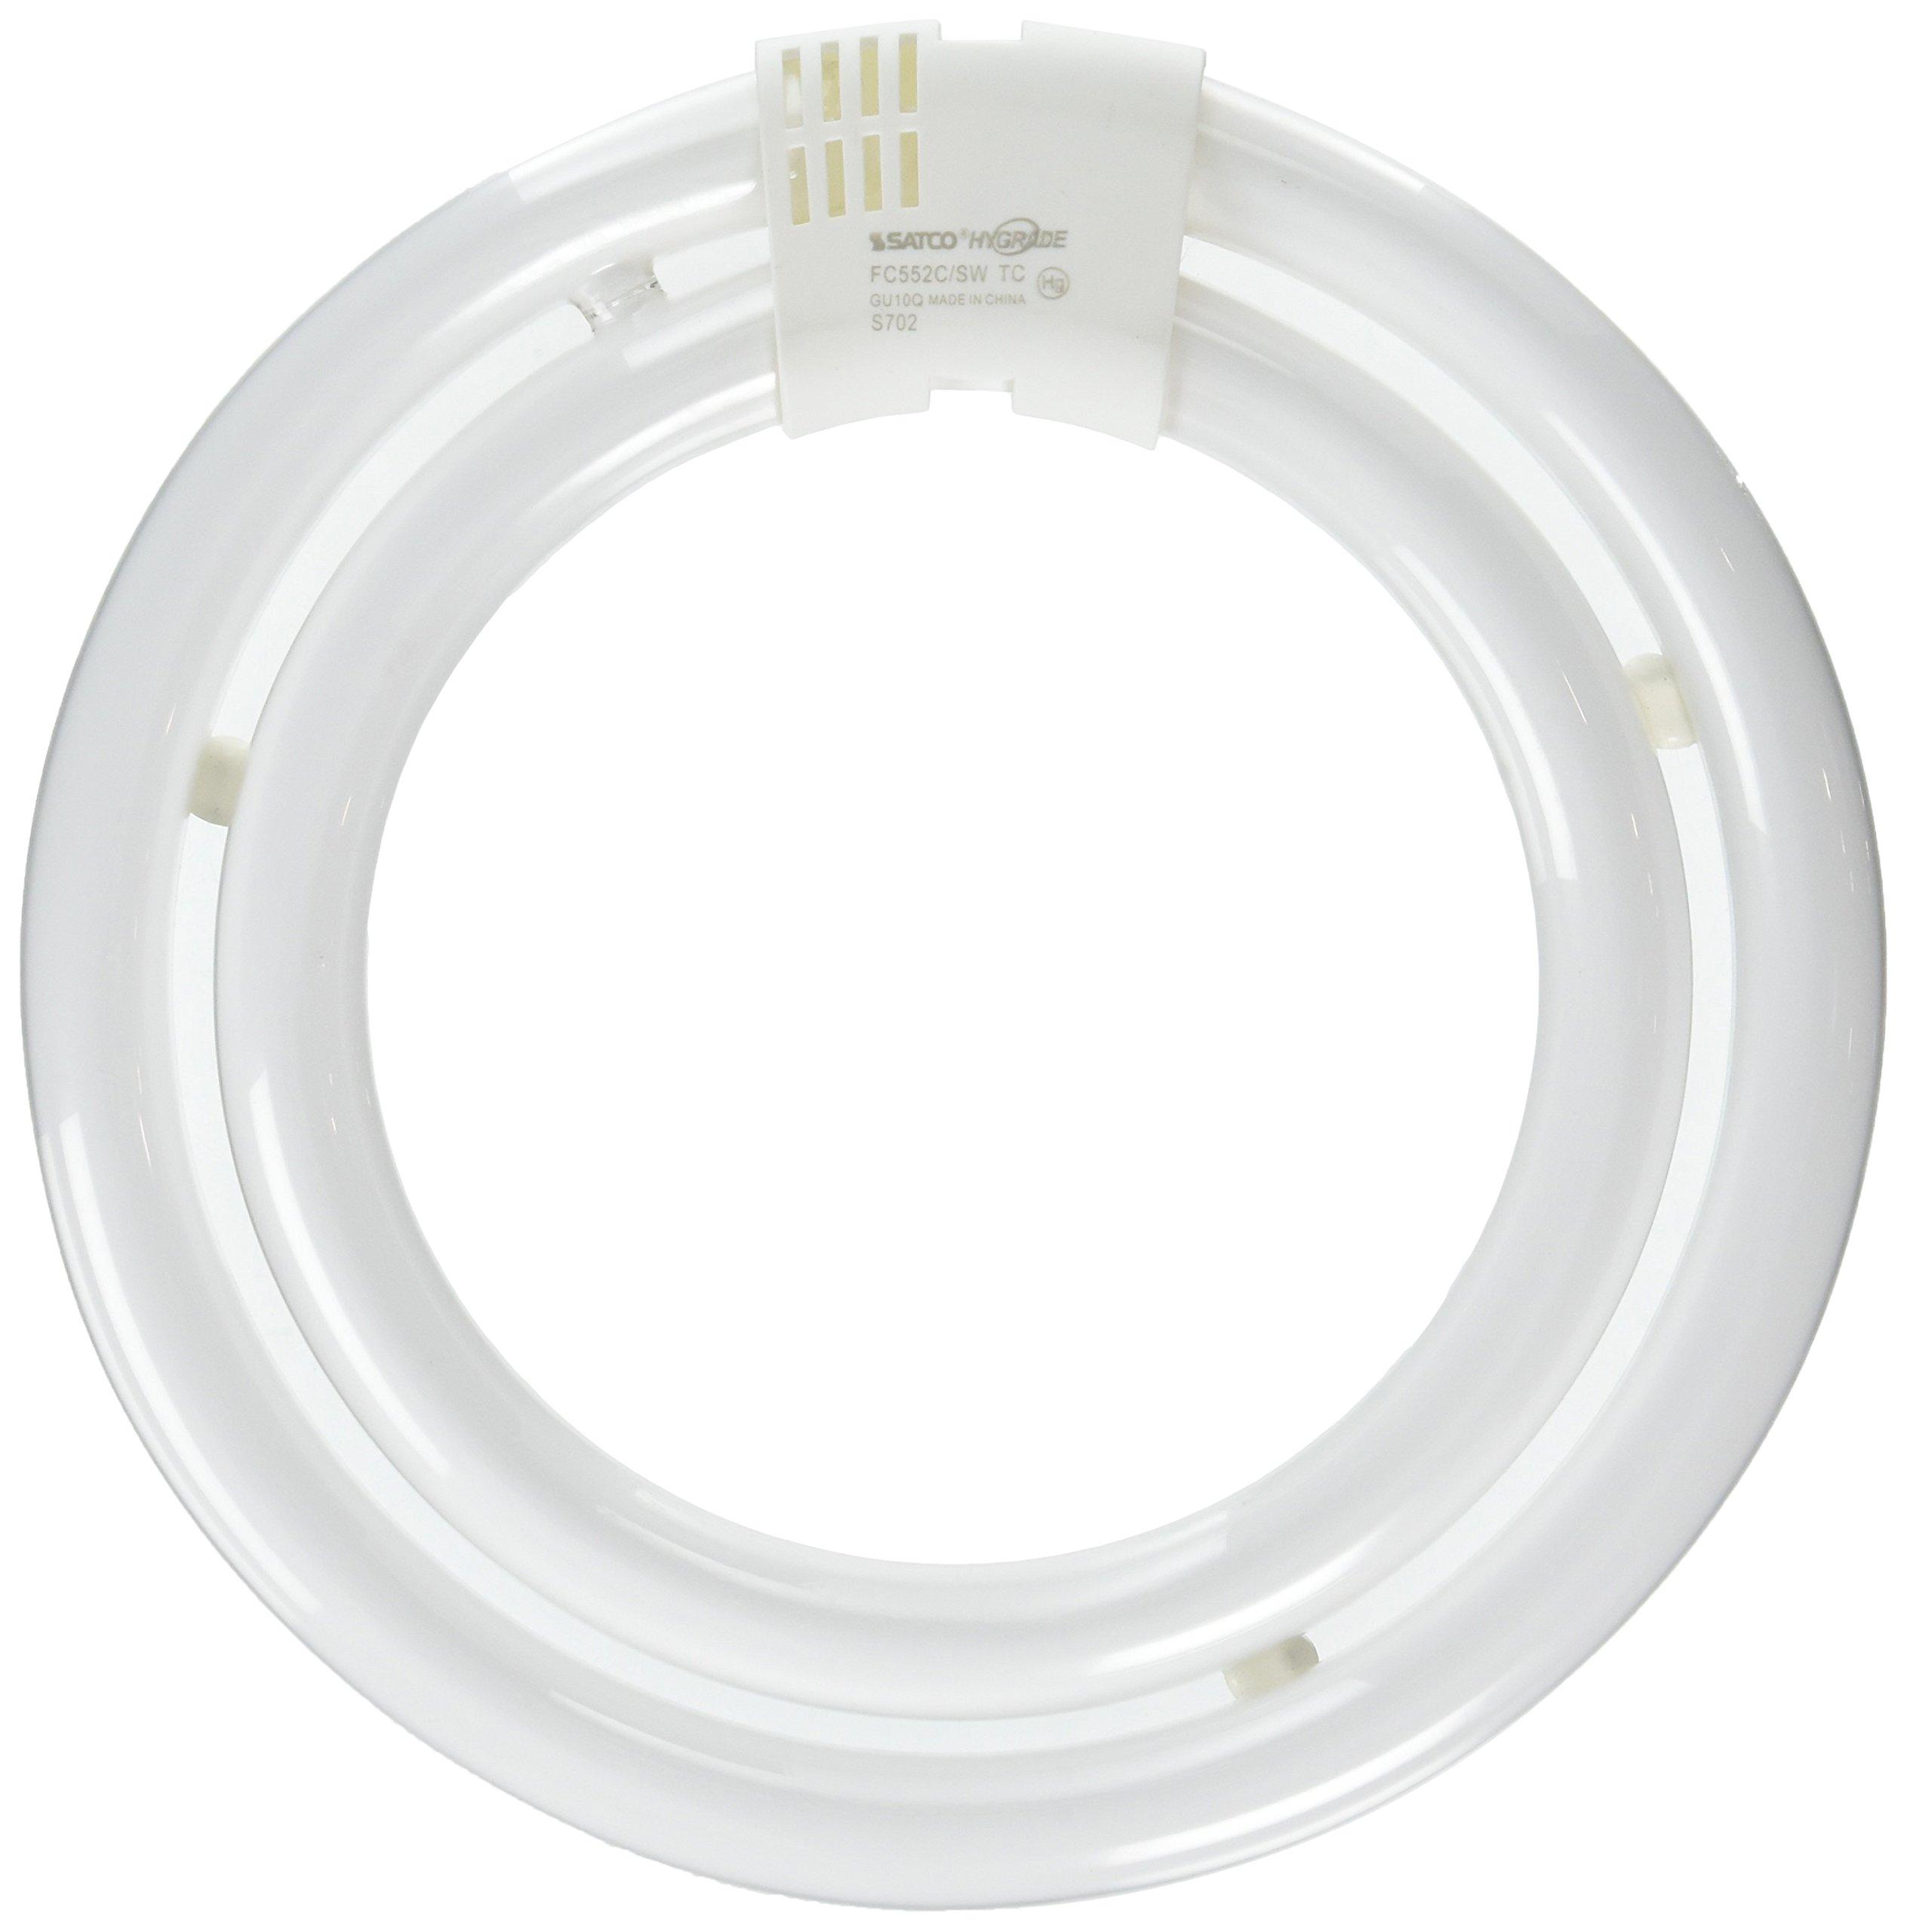 Satco S6596, FC552C/SW/TC - 55W 3000K T6, Compact Fluorescent Bulb